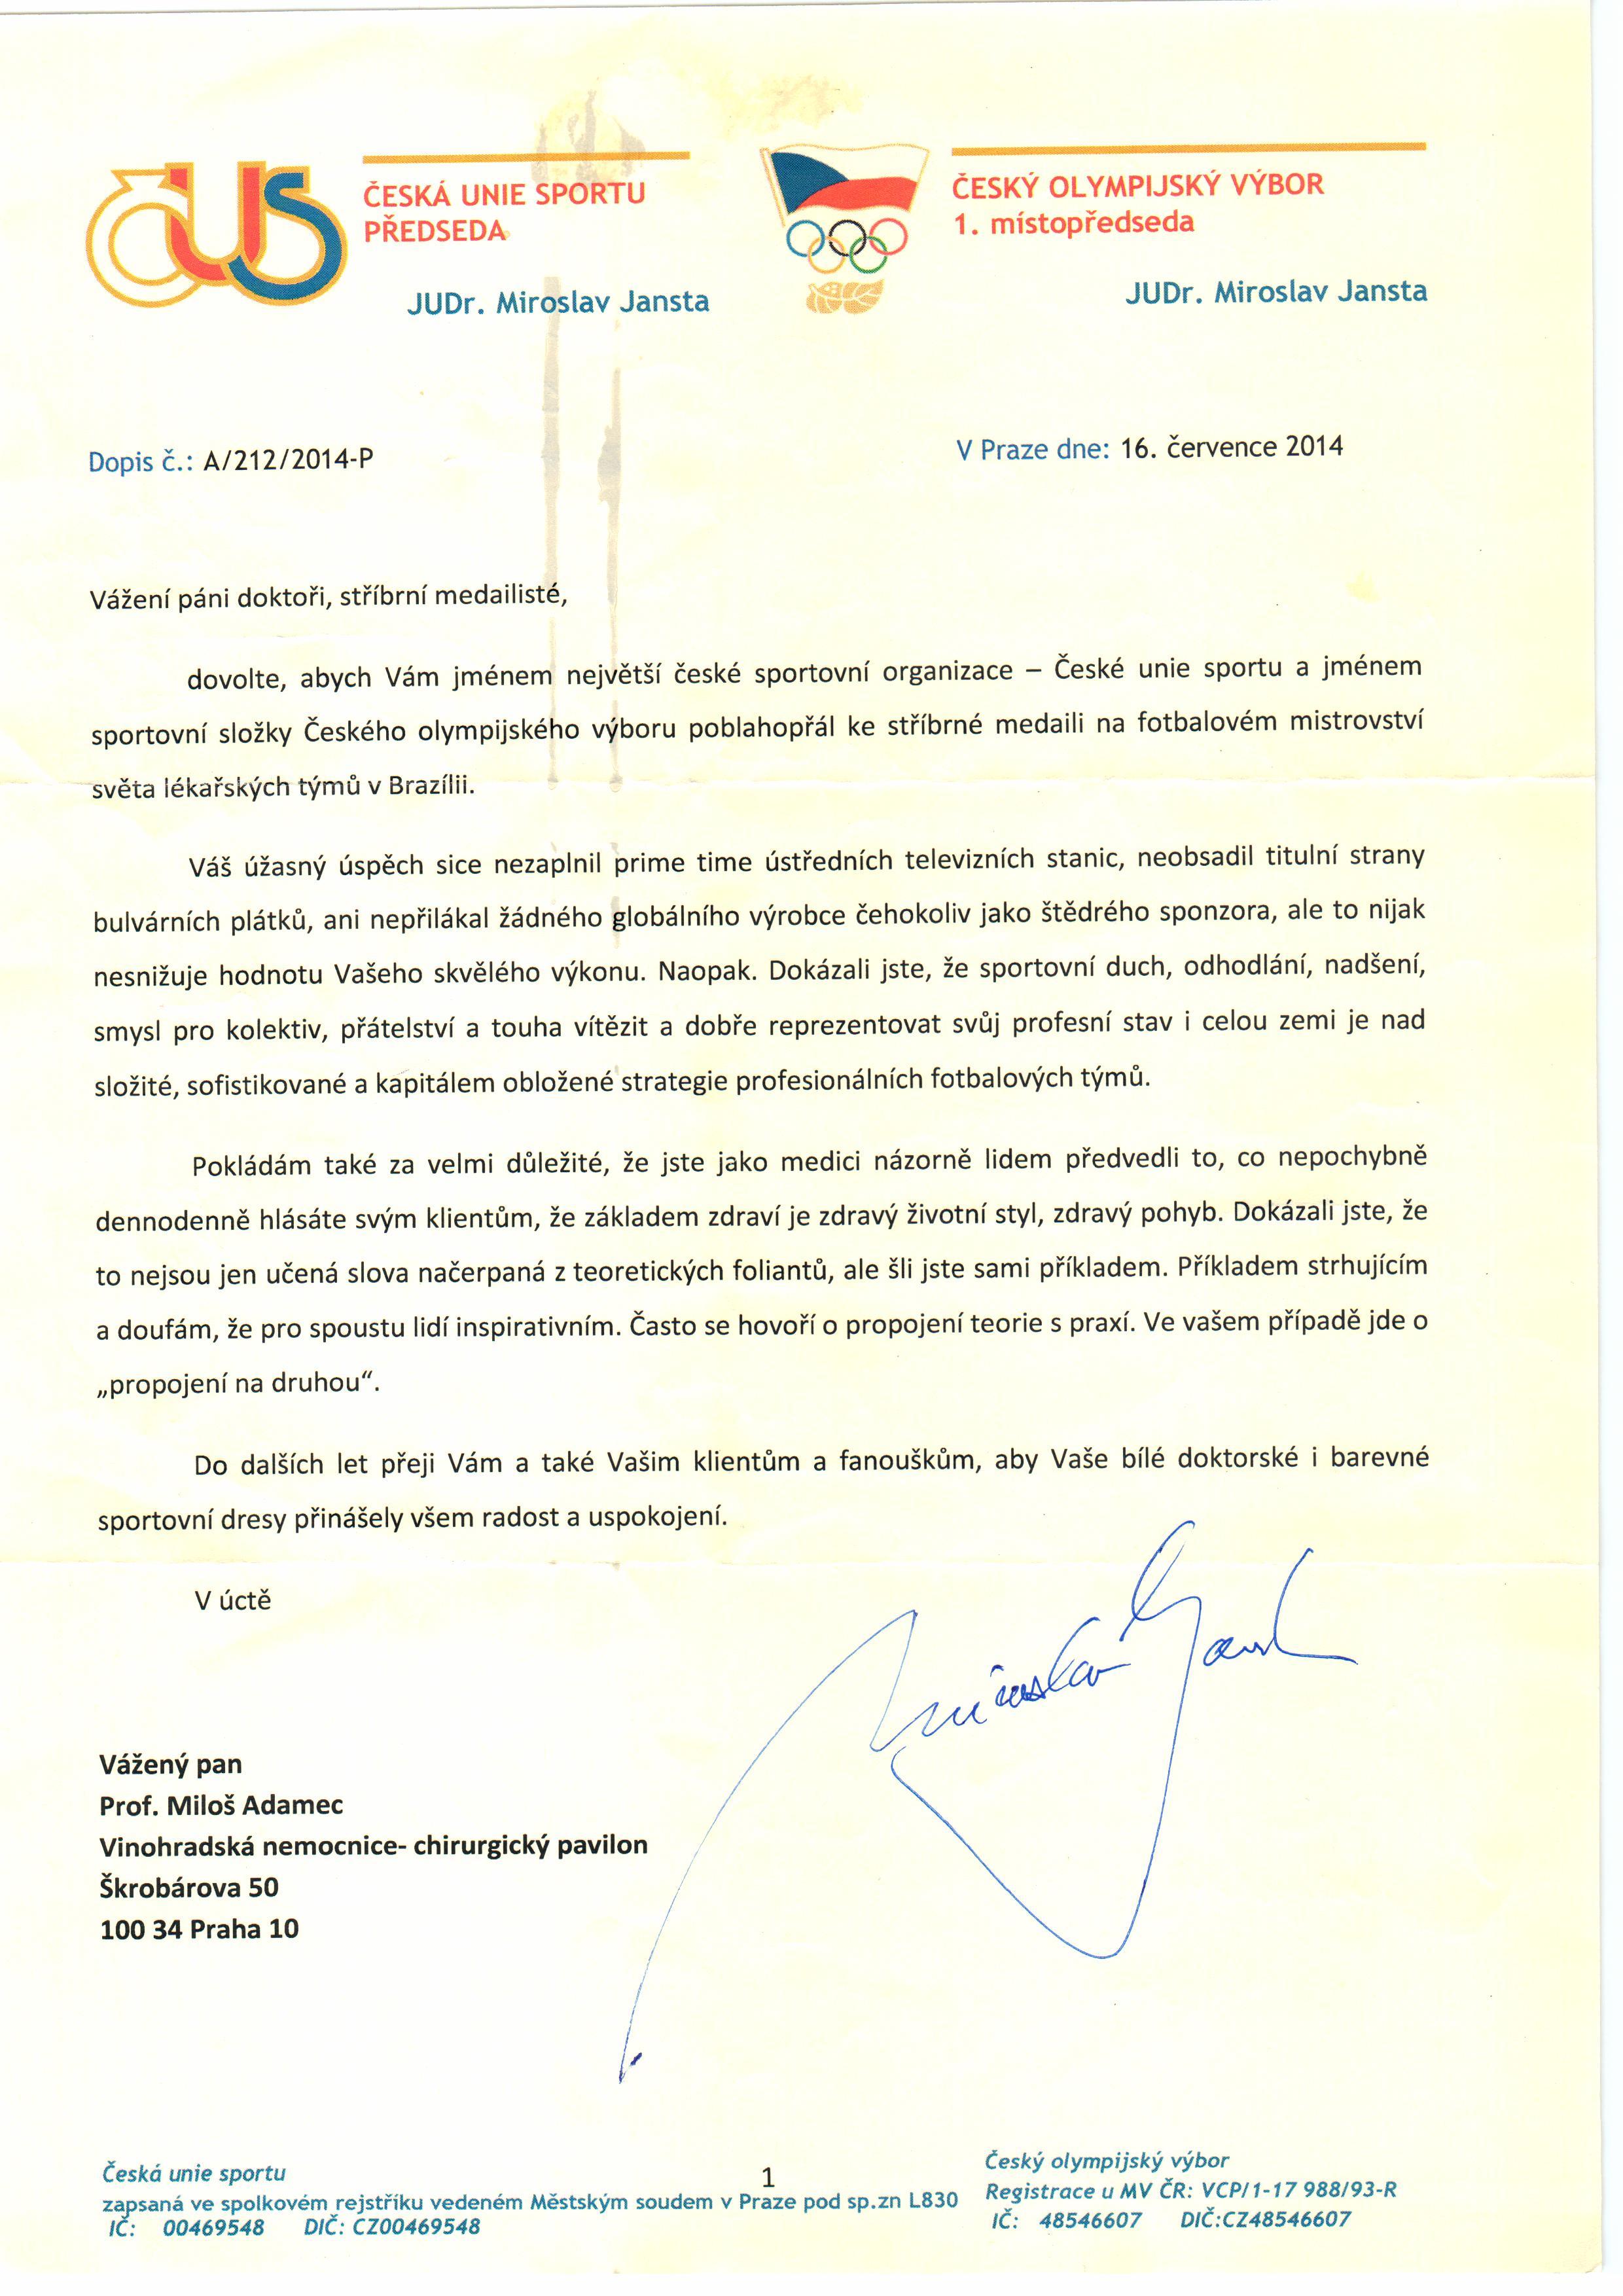 Dopis od předsedy ČESKÉ UNIE SPORTU